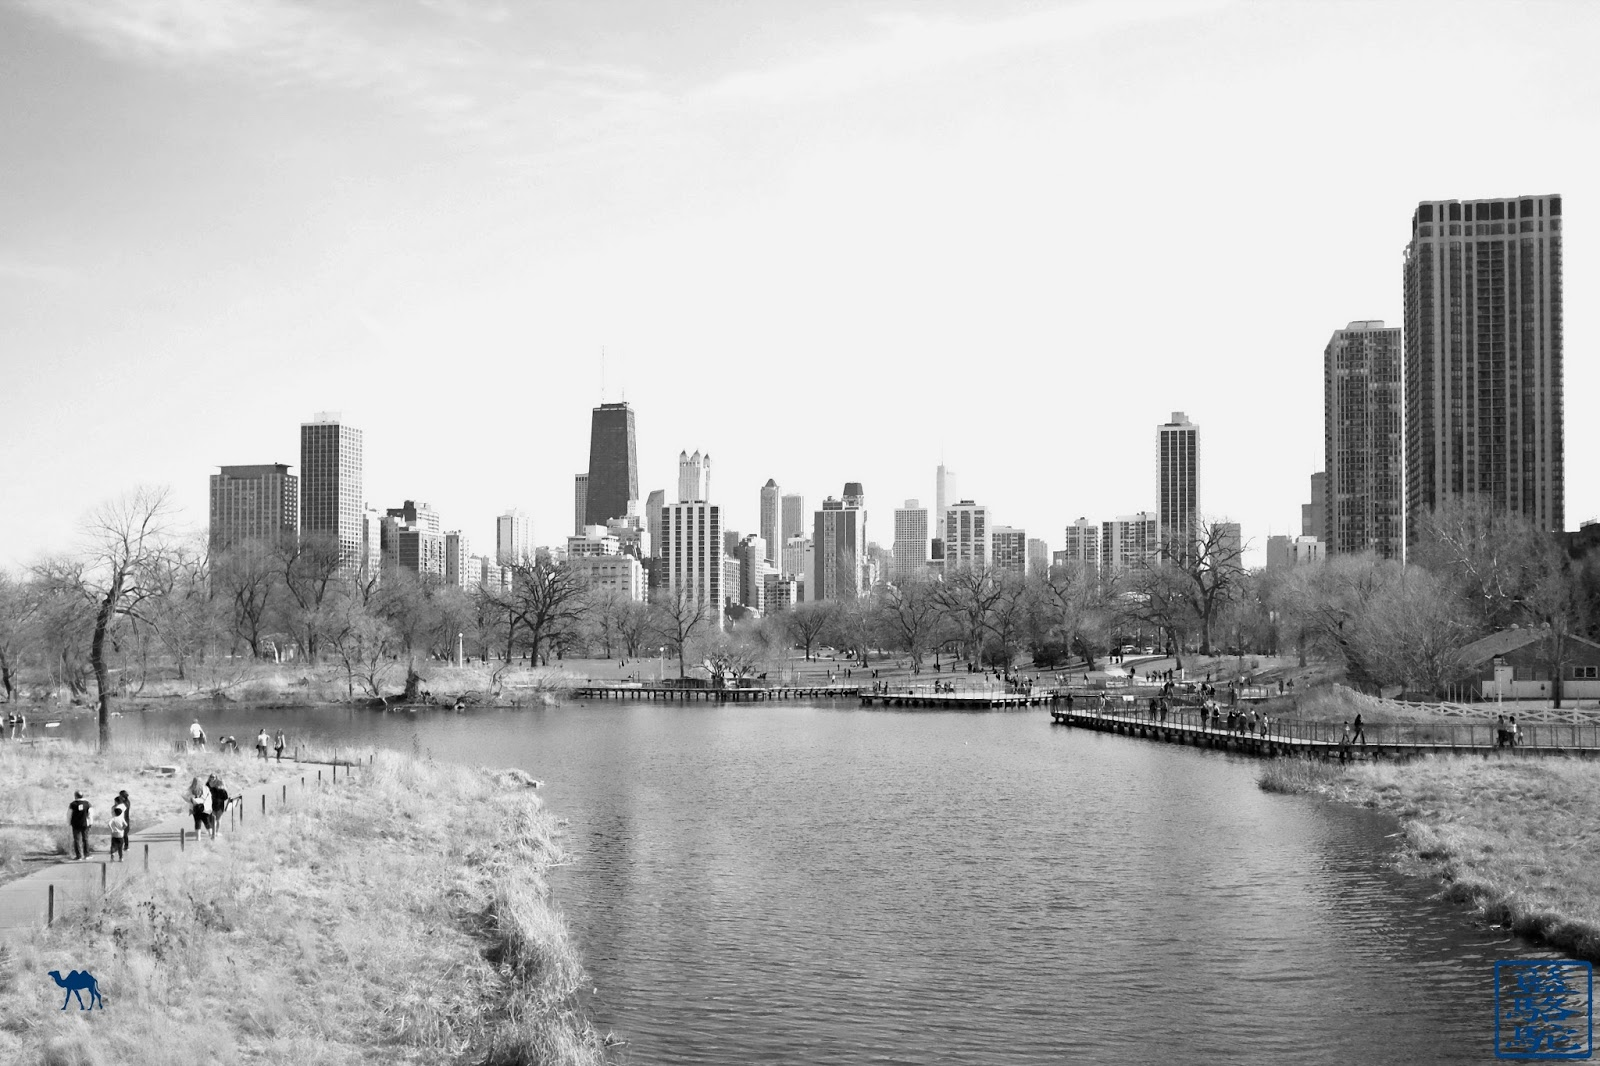 Le Chameau Bleu - Blog Voyage Chicago USA -  Parc de Chicago Lincoln Park - Que faire à Chicago